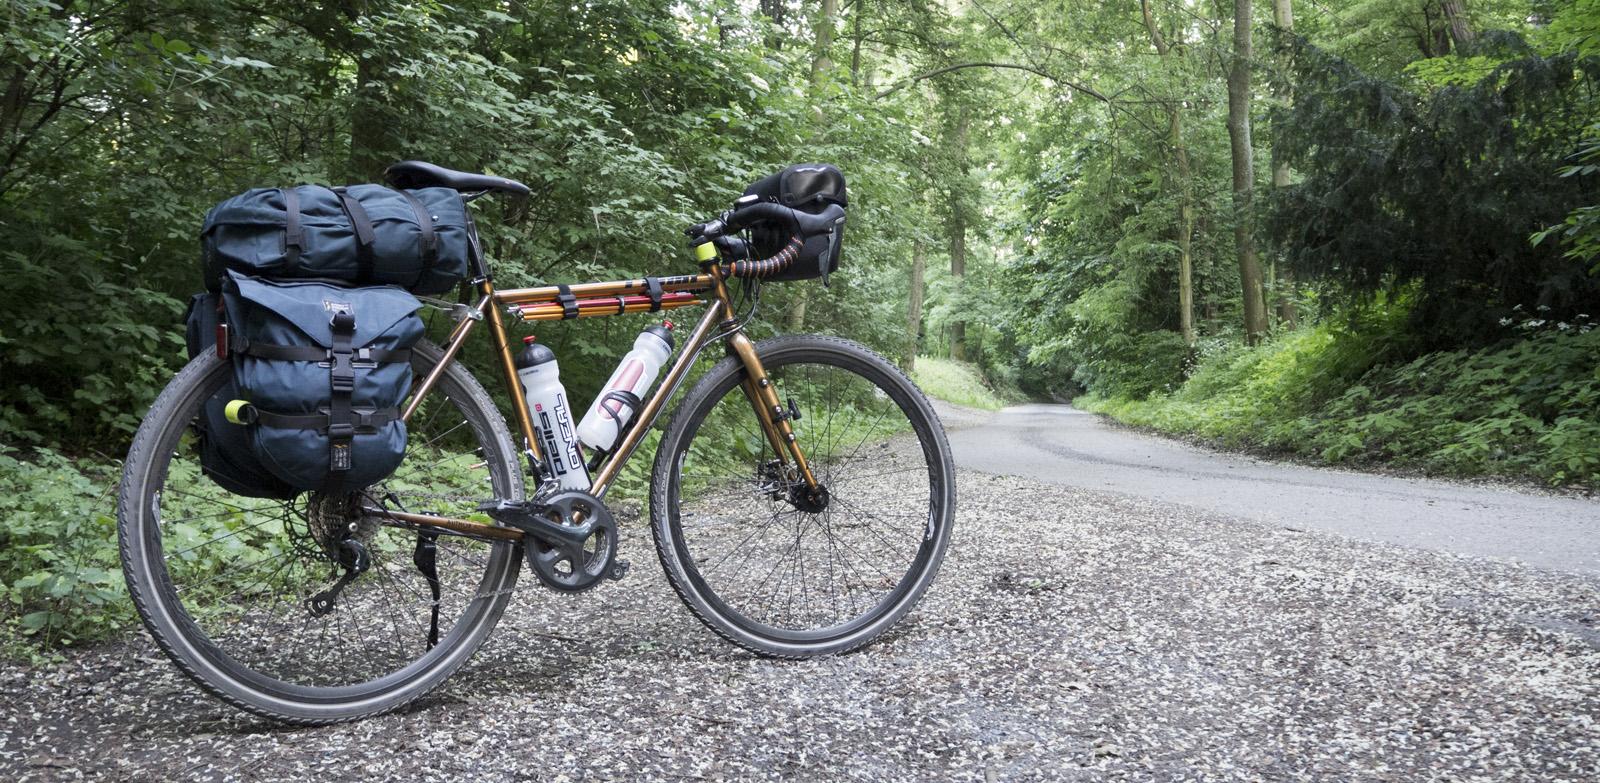 Výbava na cestu podél Labe – kompletní gear list